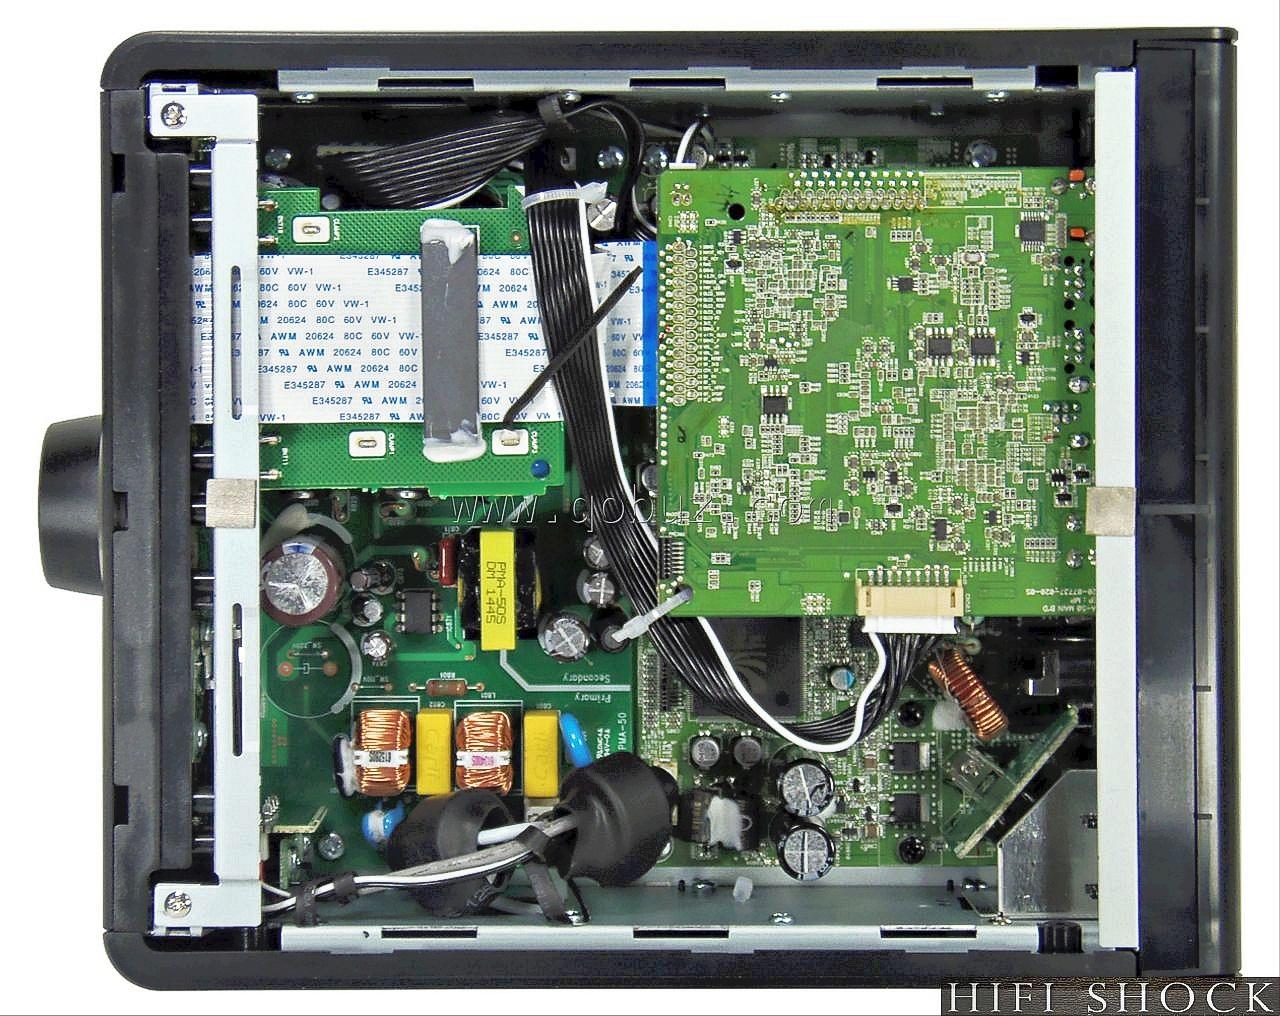 Denon-PMA-50-inside.jpg